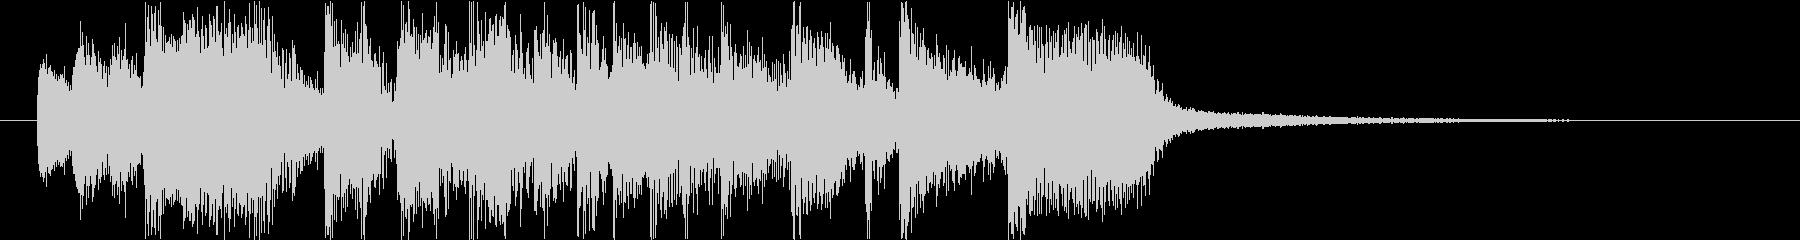 ノリノリラテンサウンドロゴの未再生の波形